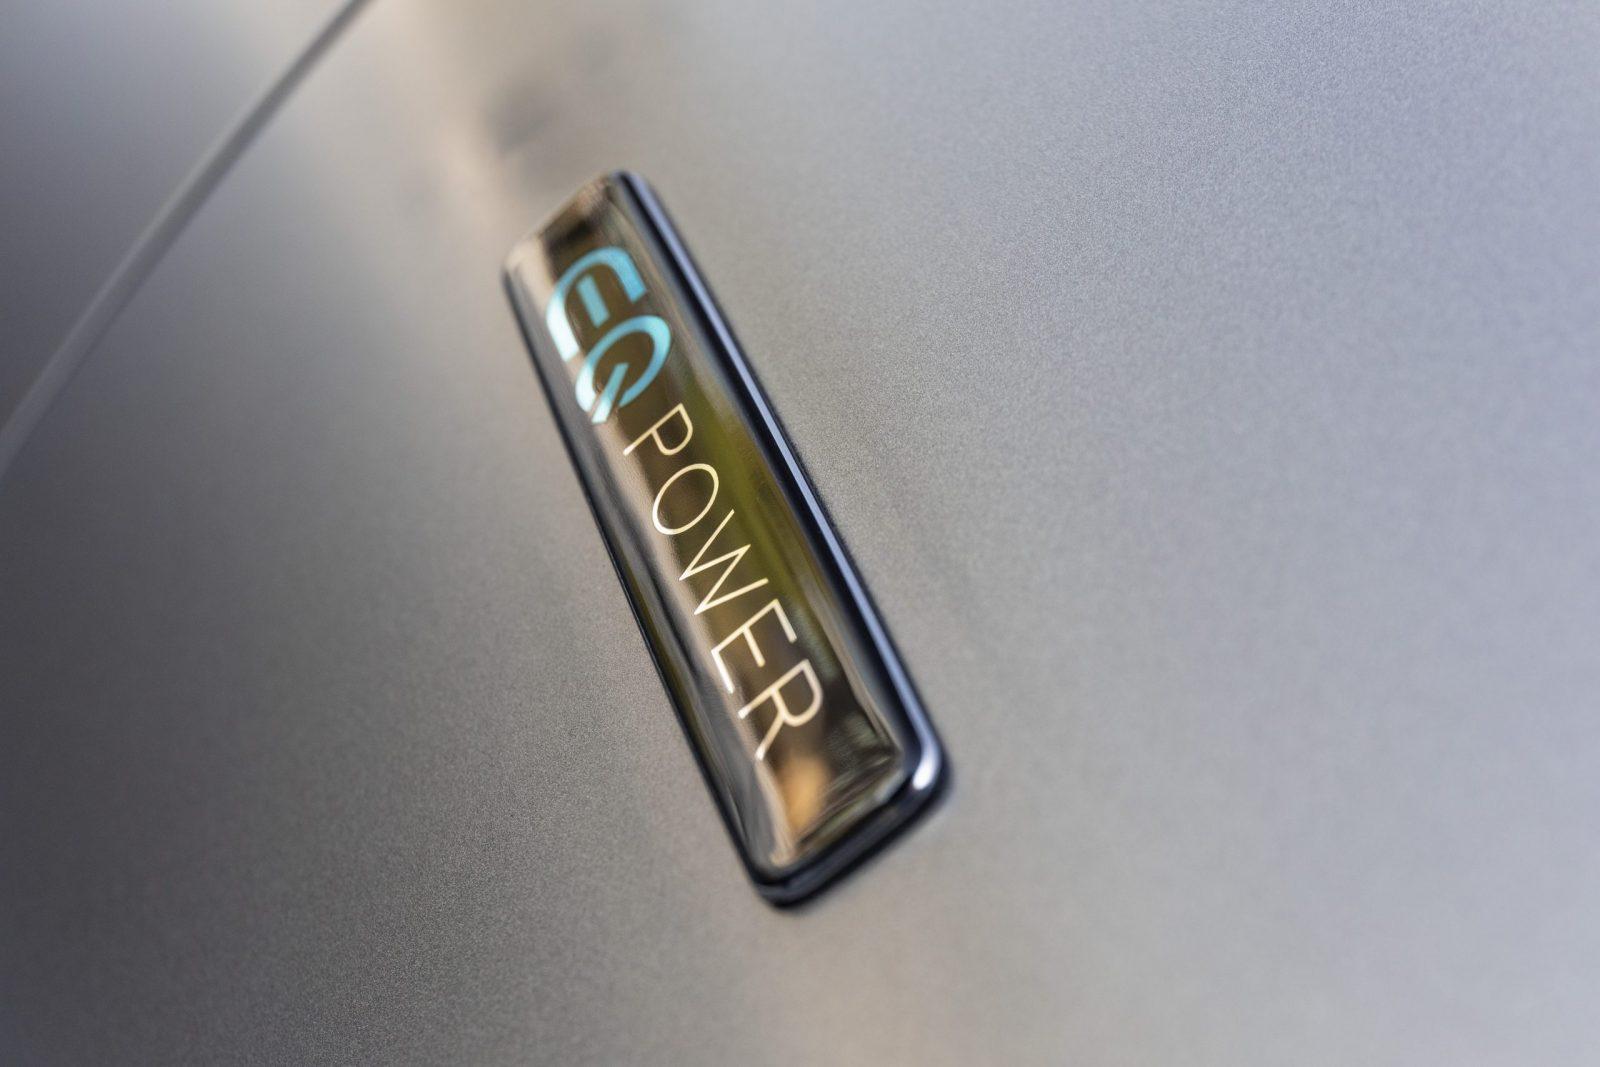 Mercedes Benz Plug In Hybride Die Neue Eq Power Familie Frankfurt 2019 Mercedes Benz Plug In Hybrids The New Eq Power Family Frankfurt, September 2019